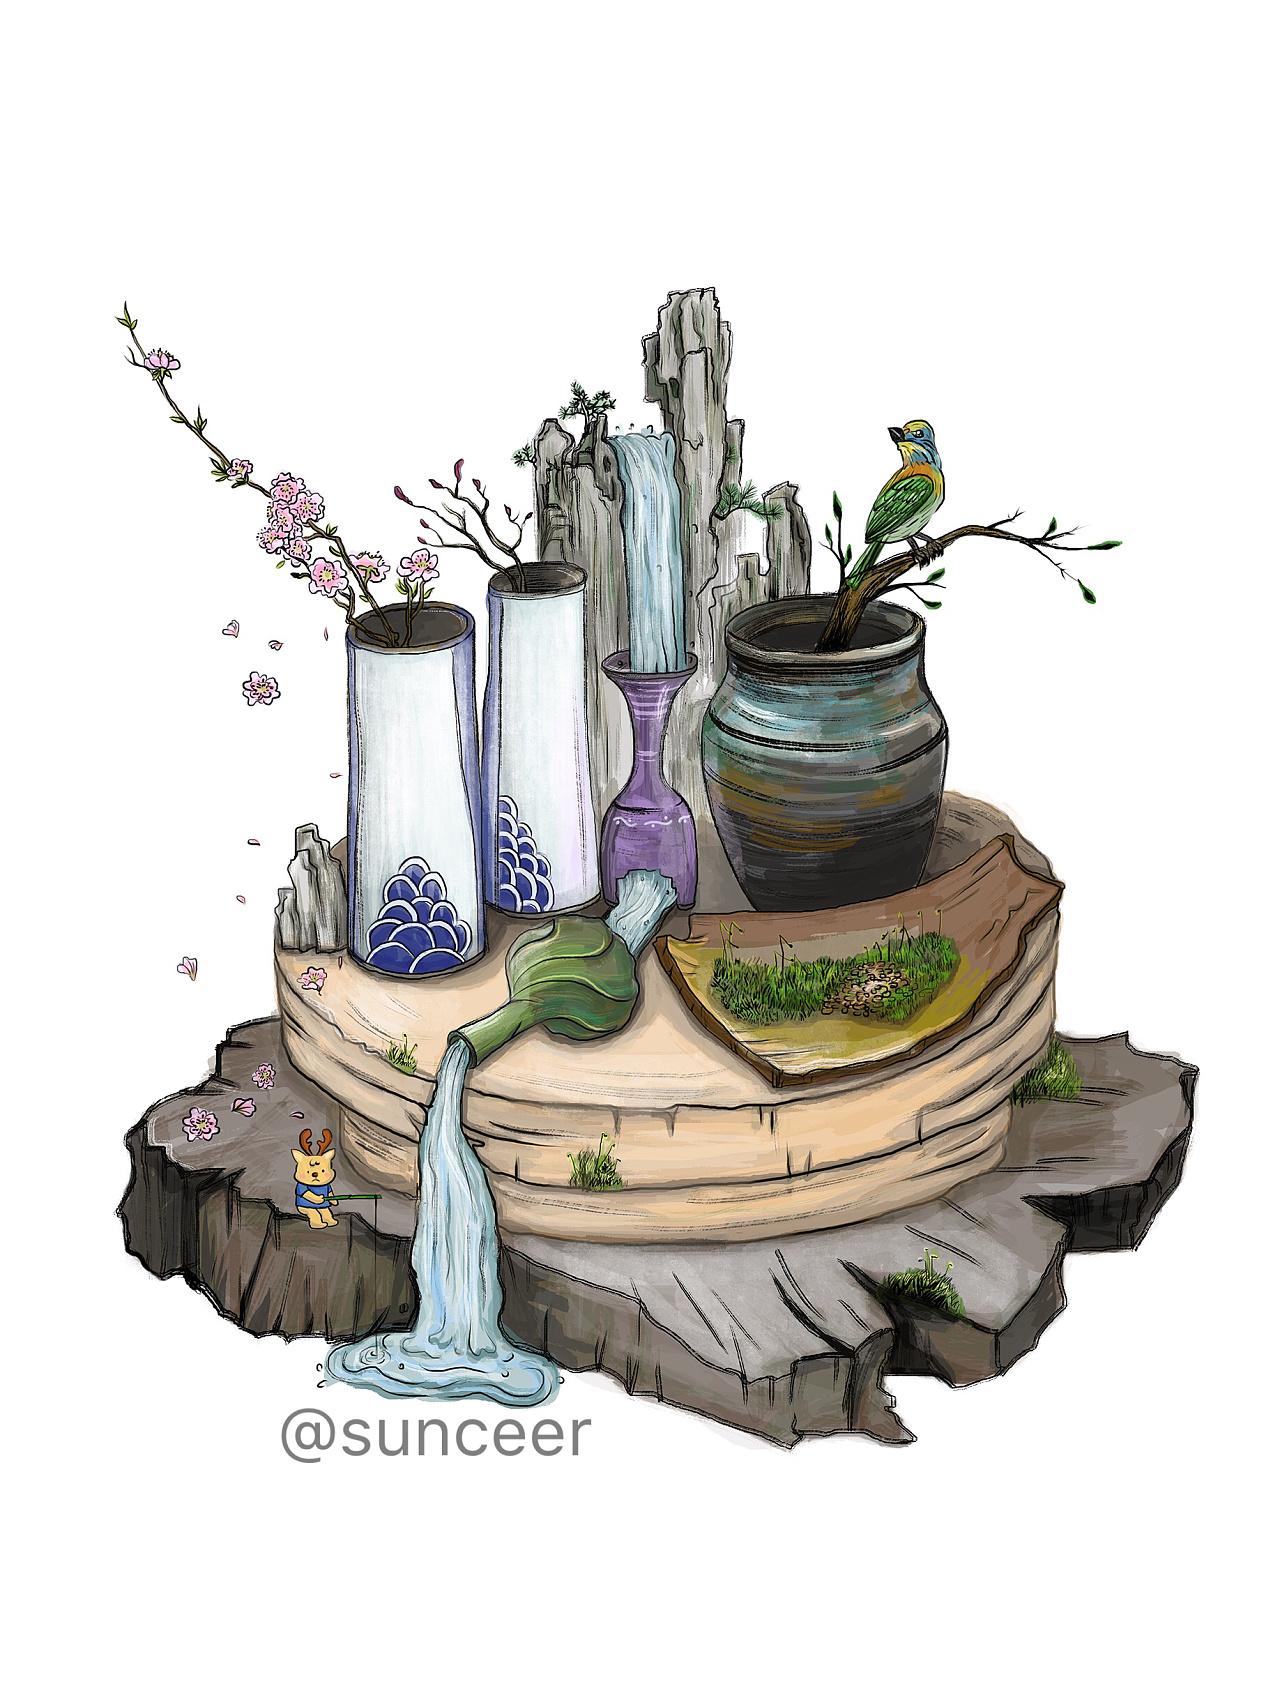 陶艺创意插画|插画|其他插画|sunceer - 原创作品图片